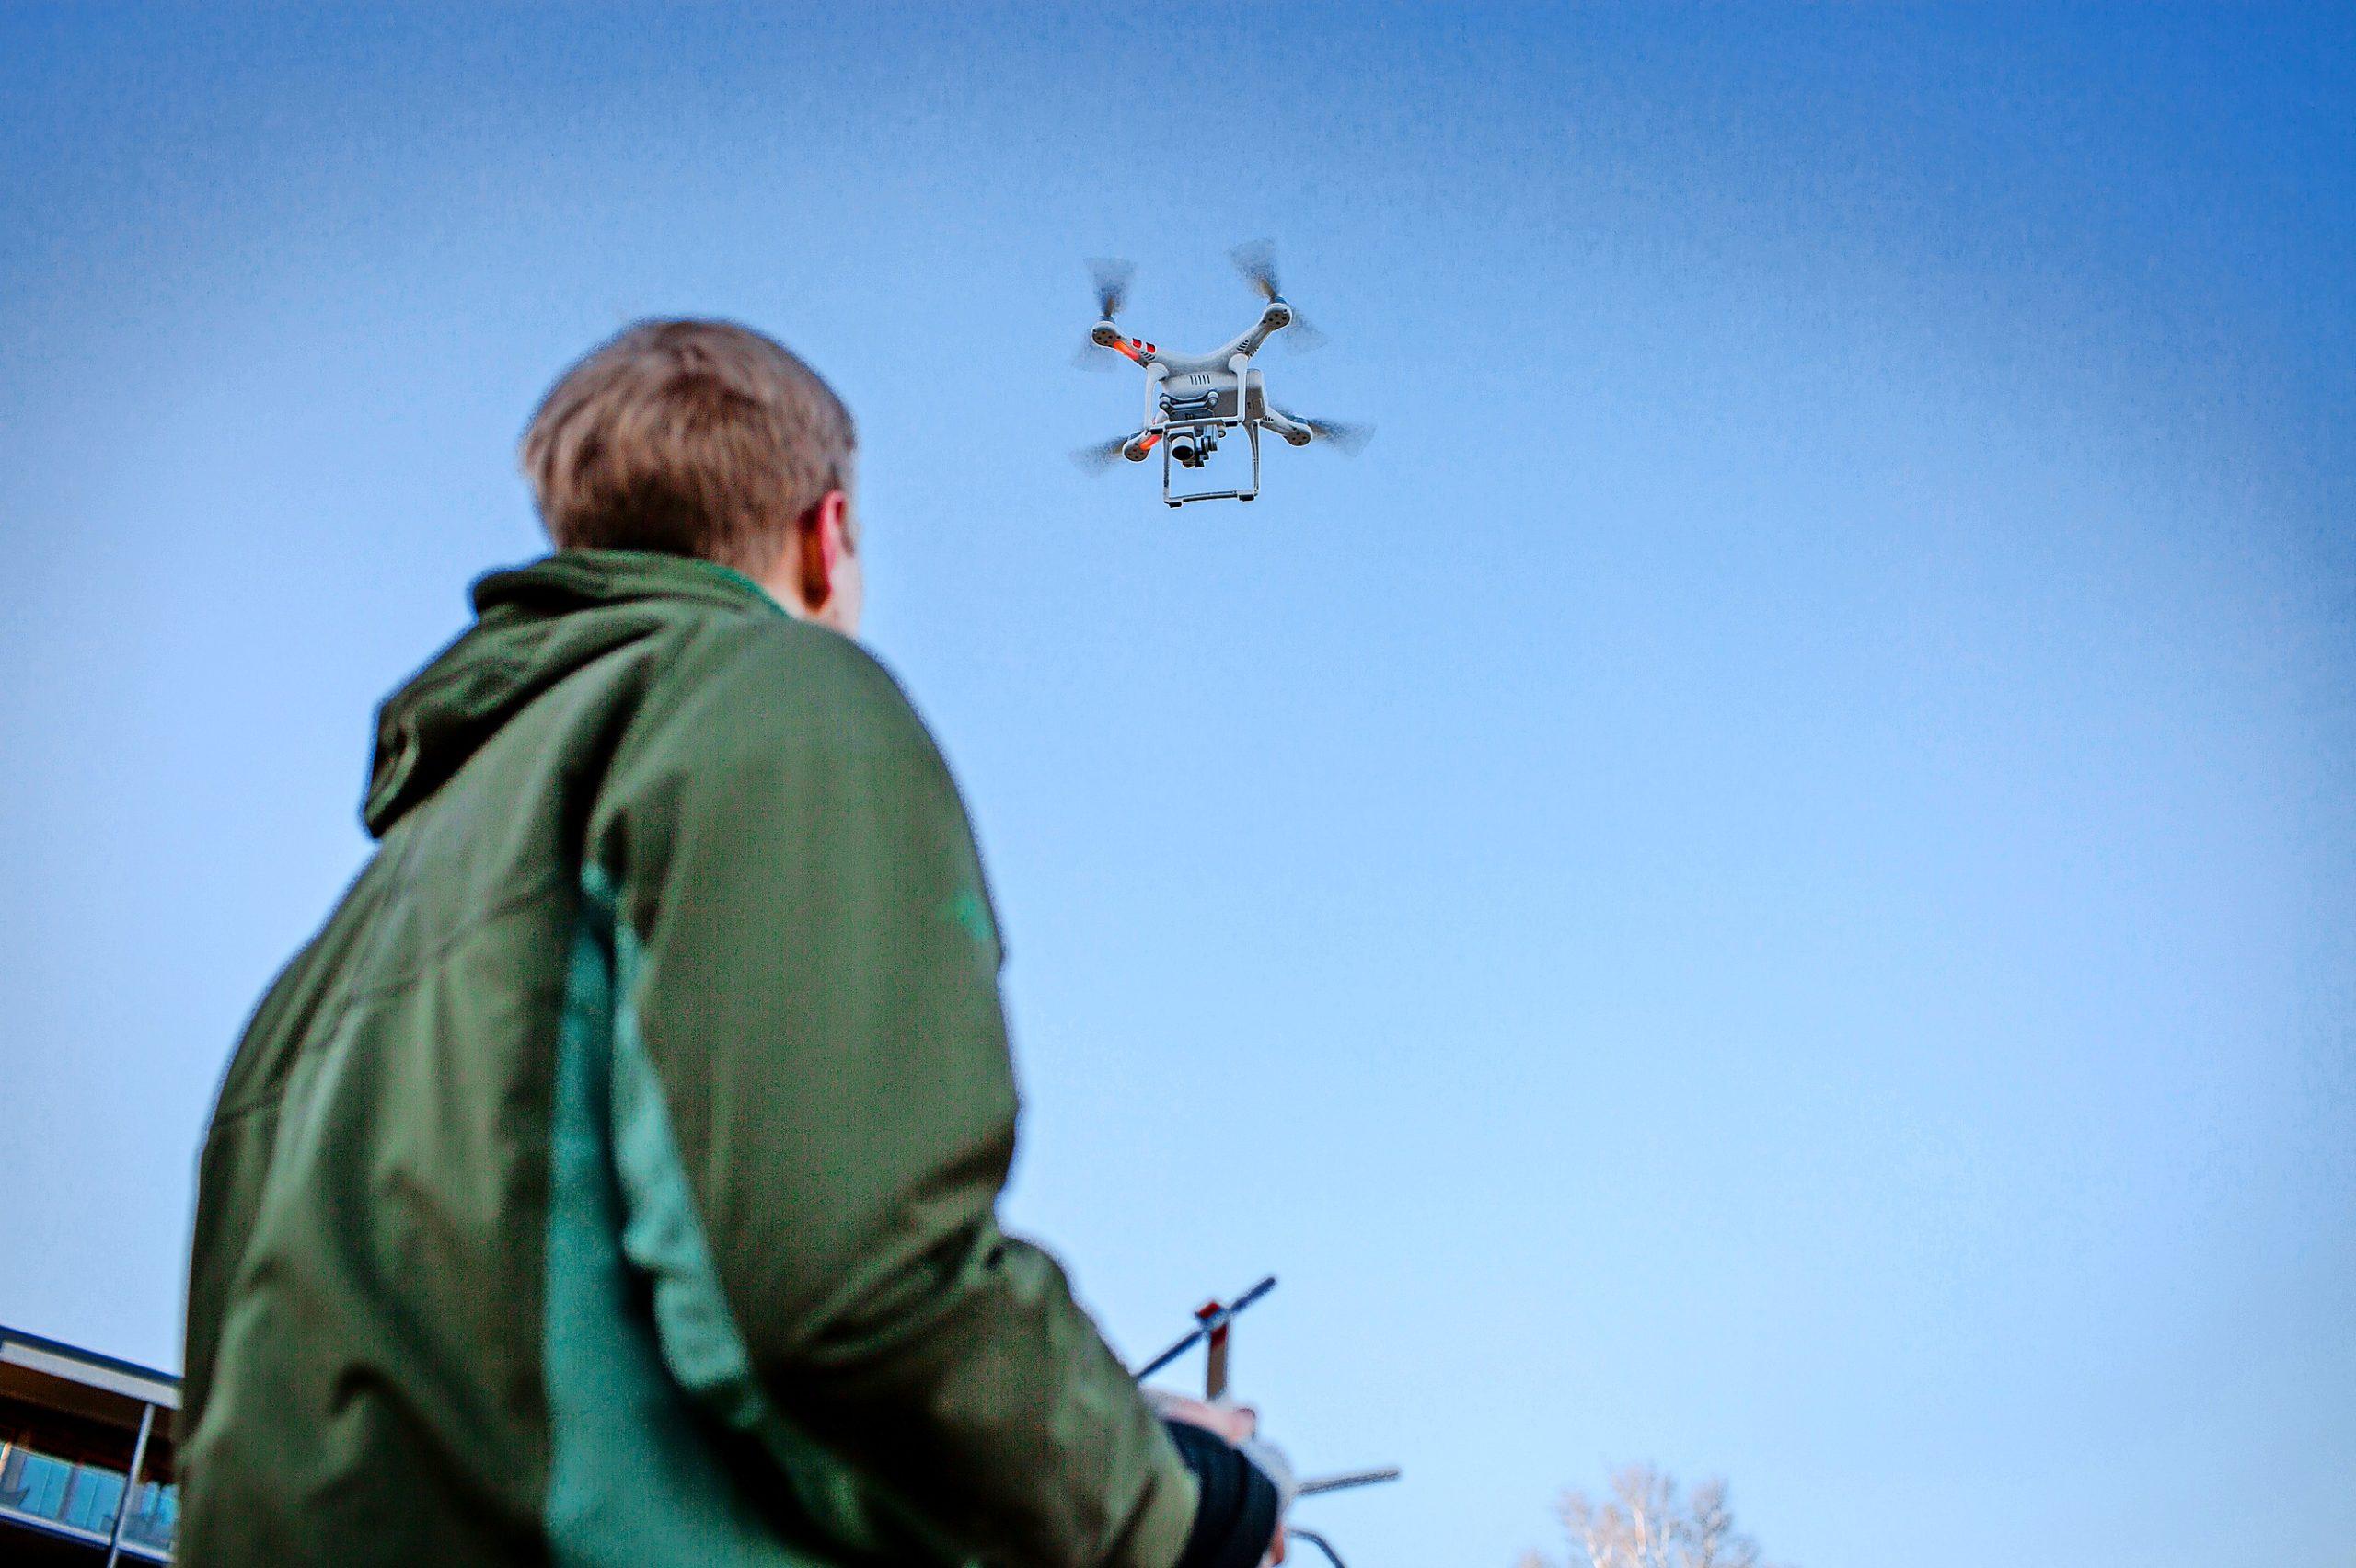 Hobby-Drohnenpiloten sollten allerdings die aktuellen Regelungen kennen, die seit Januar EU-weit für den Flugverkehr mit Drohnen gelten.